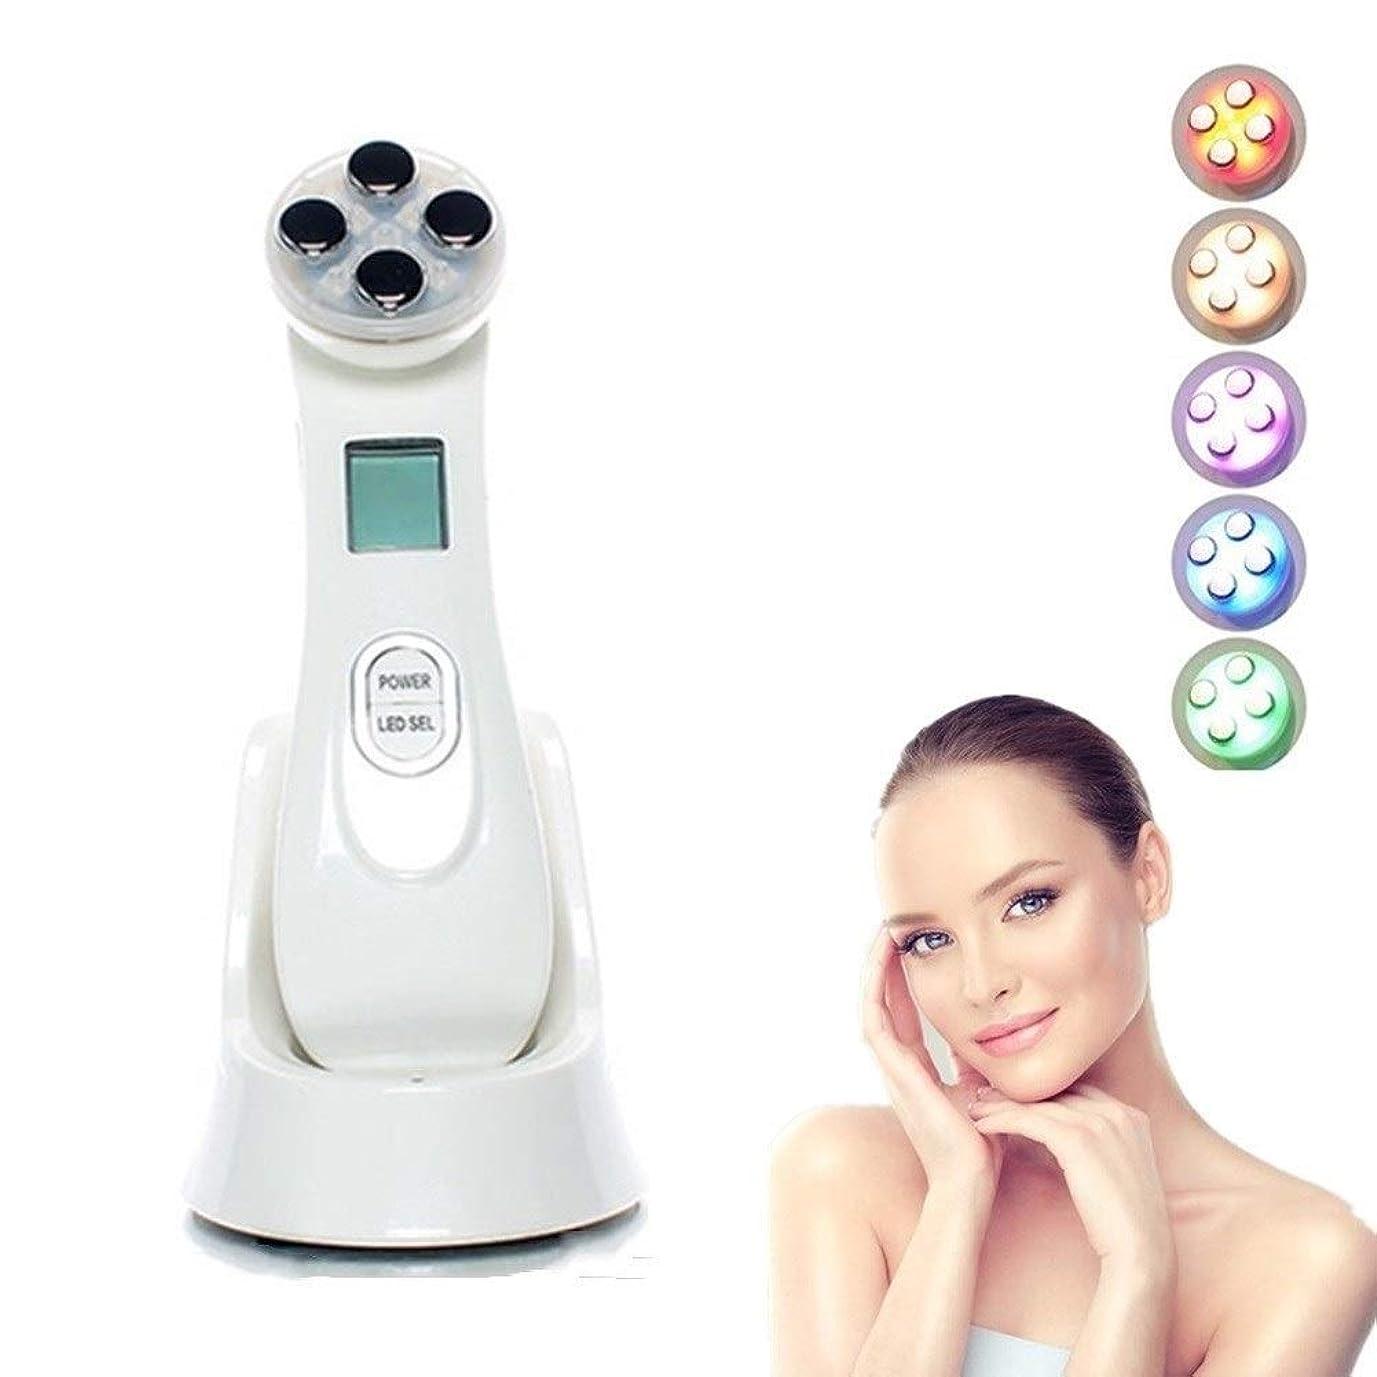 しないでくださいシーン名門しわの取り外しを白くする美の器械、顔機械および1つの赤いLED光線療法に付き5つおよび6つのモード顔のマッサージャーのスキンケアの顔の洗剤にきびのアンチエイジング